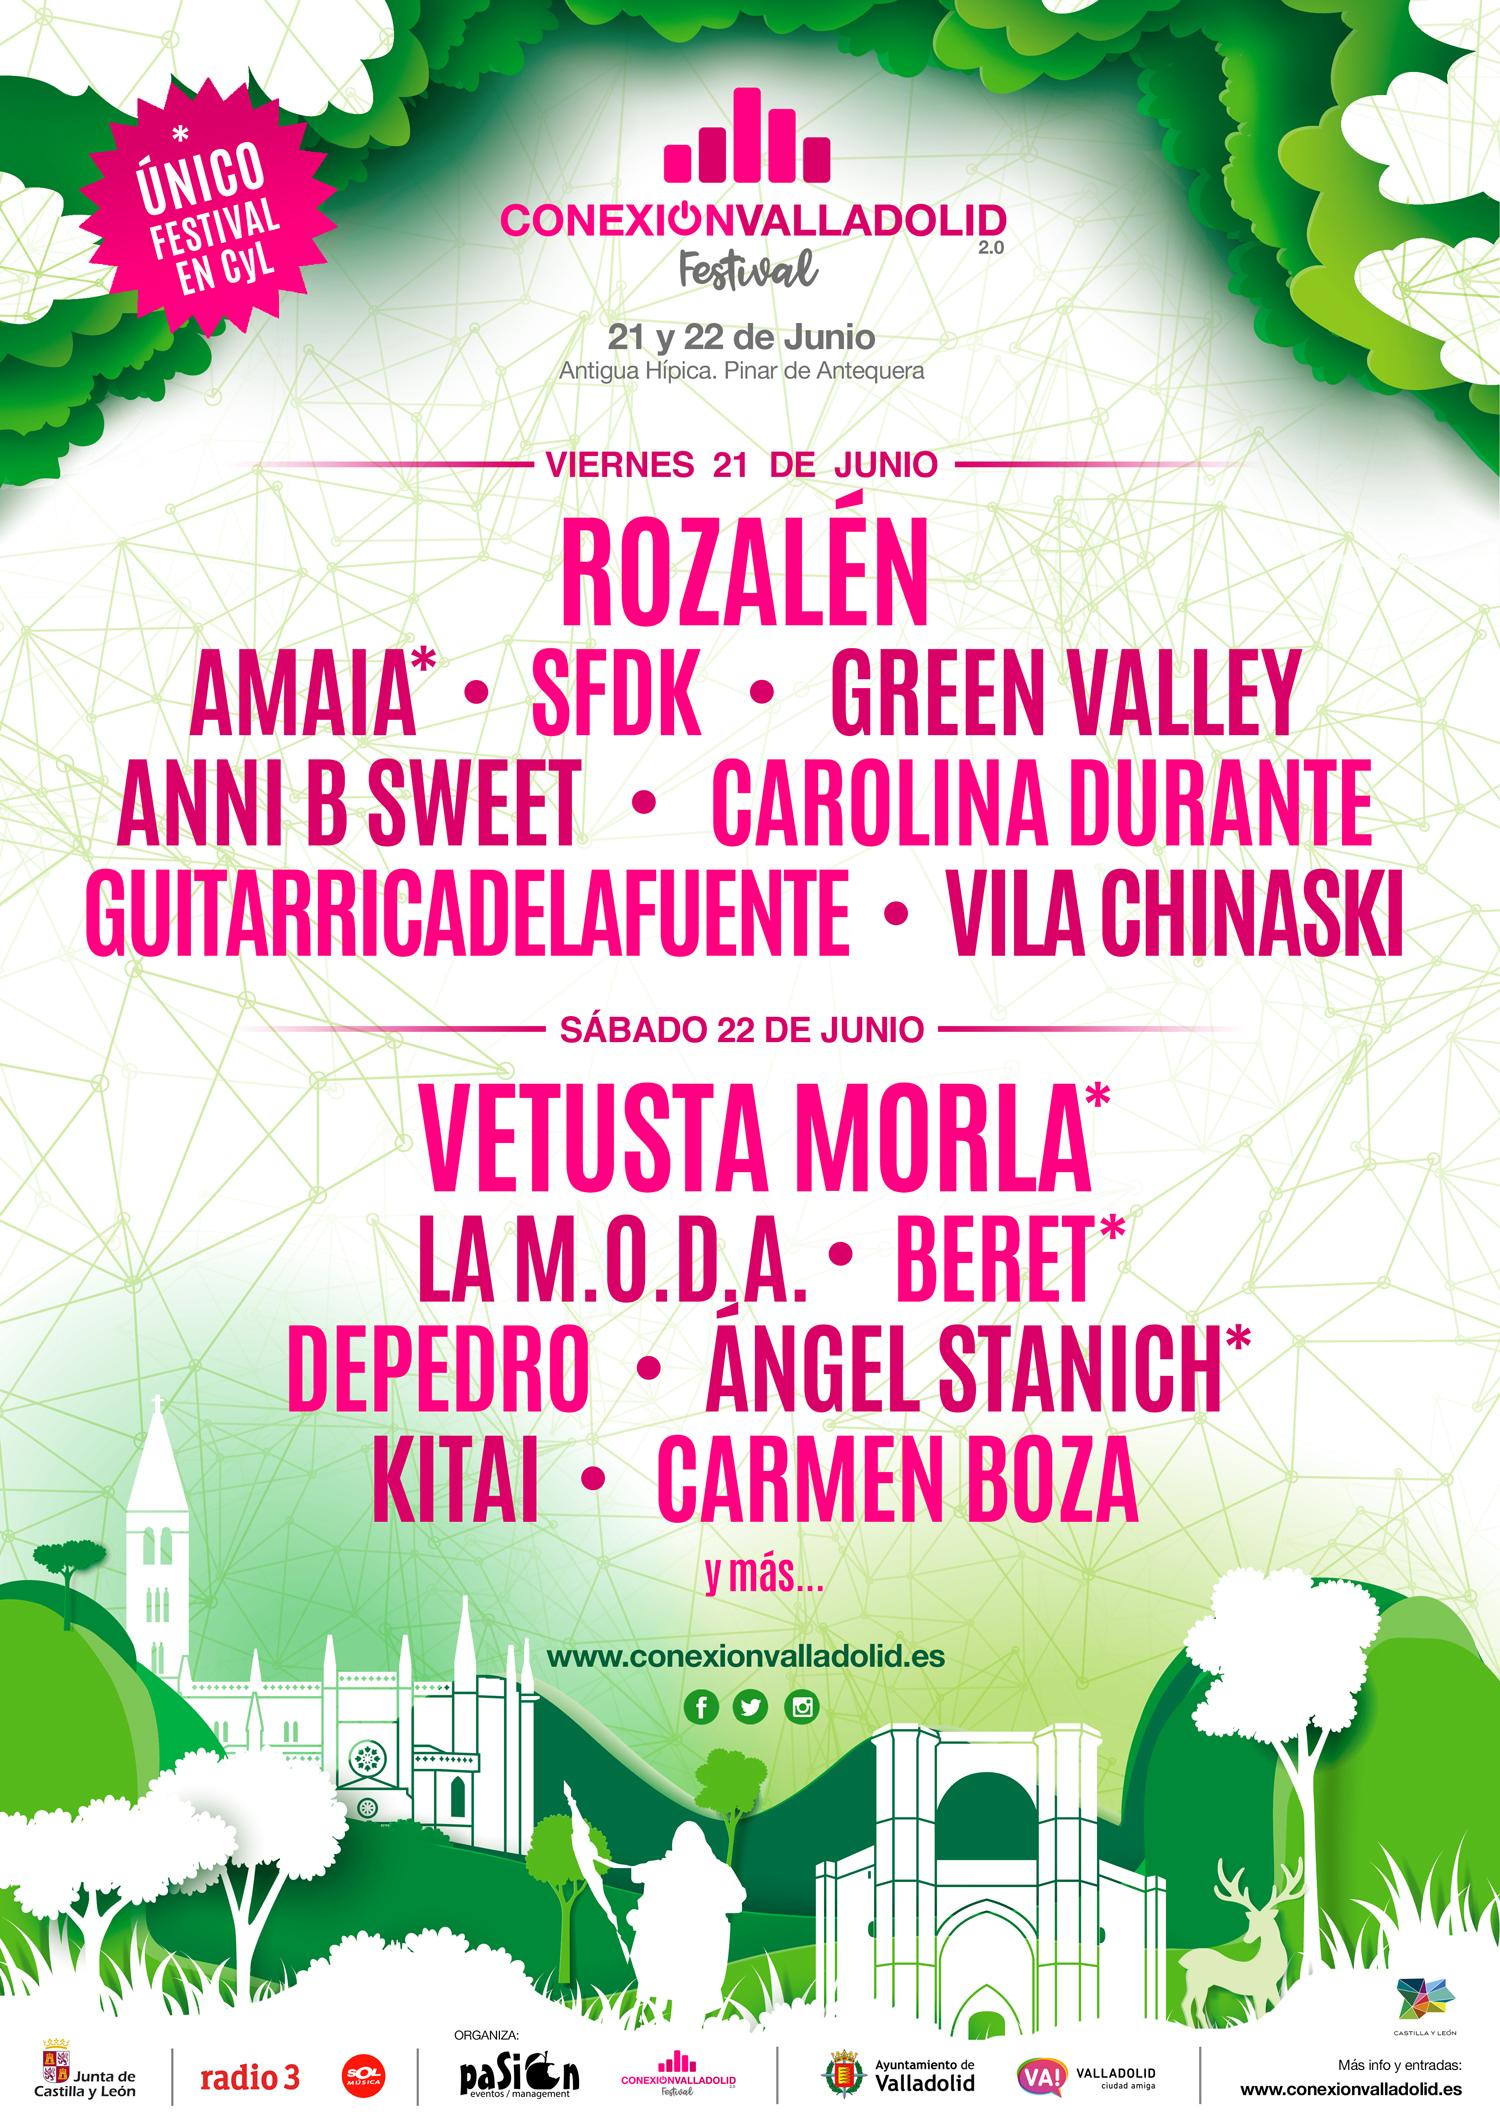 Cartel por días Conexión Valladolid Festival 2019 tras las nuevas confirmaciones